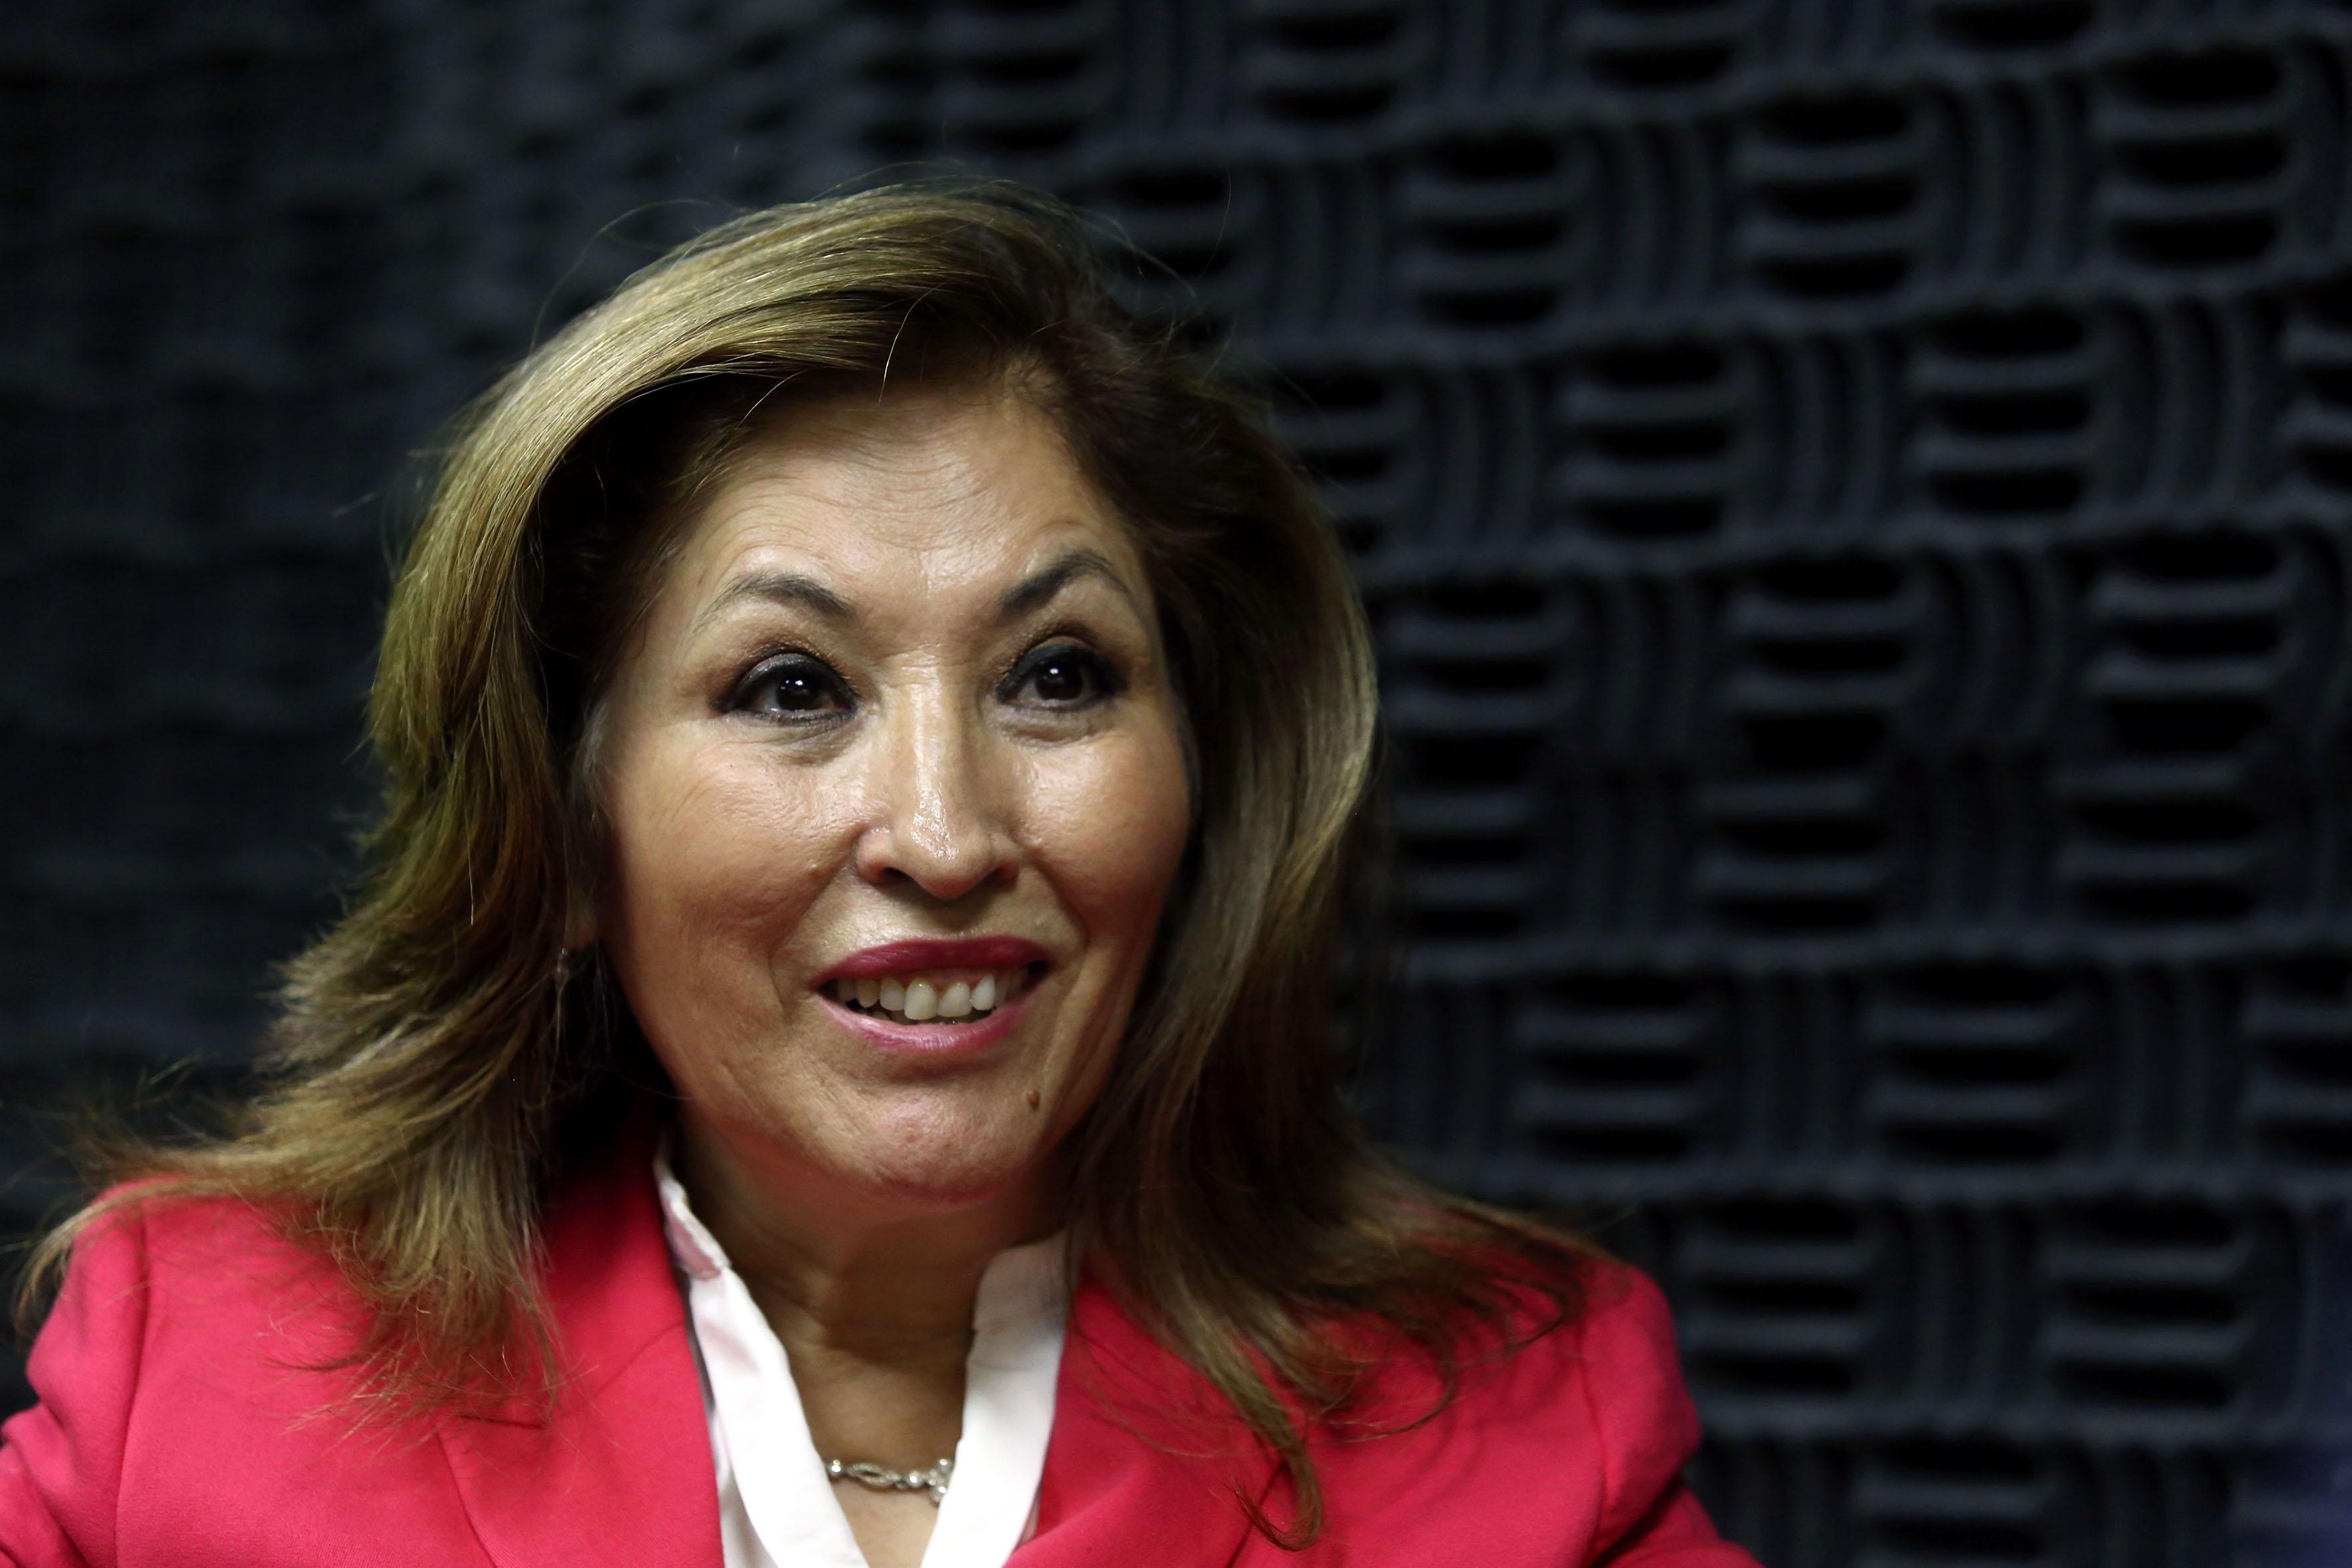 Dra Laura Cortés Sanabria con expresión de sorpresa, foto en cabina